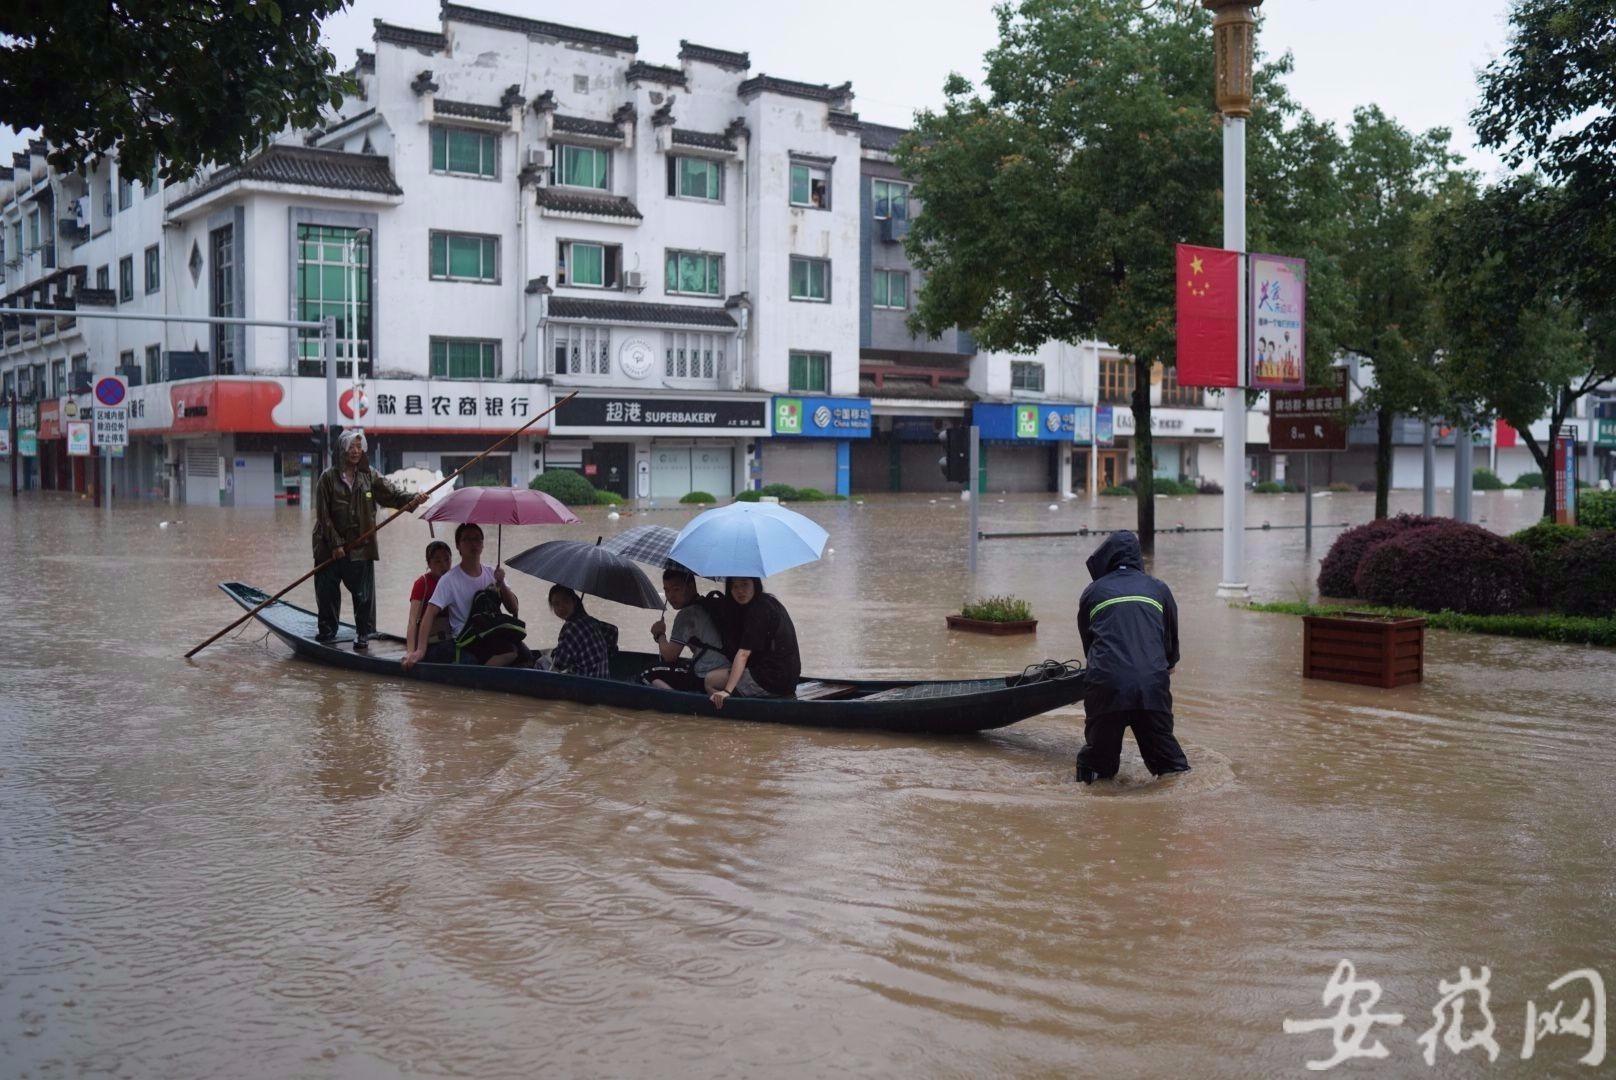 【搜索引擎优化培训】_考前城区内涝致道路阻断 当地用小船接送考生